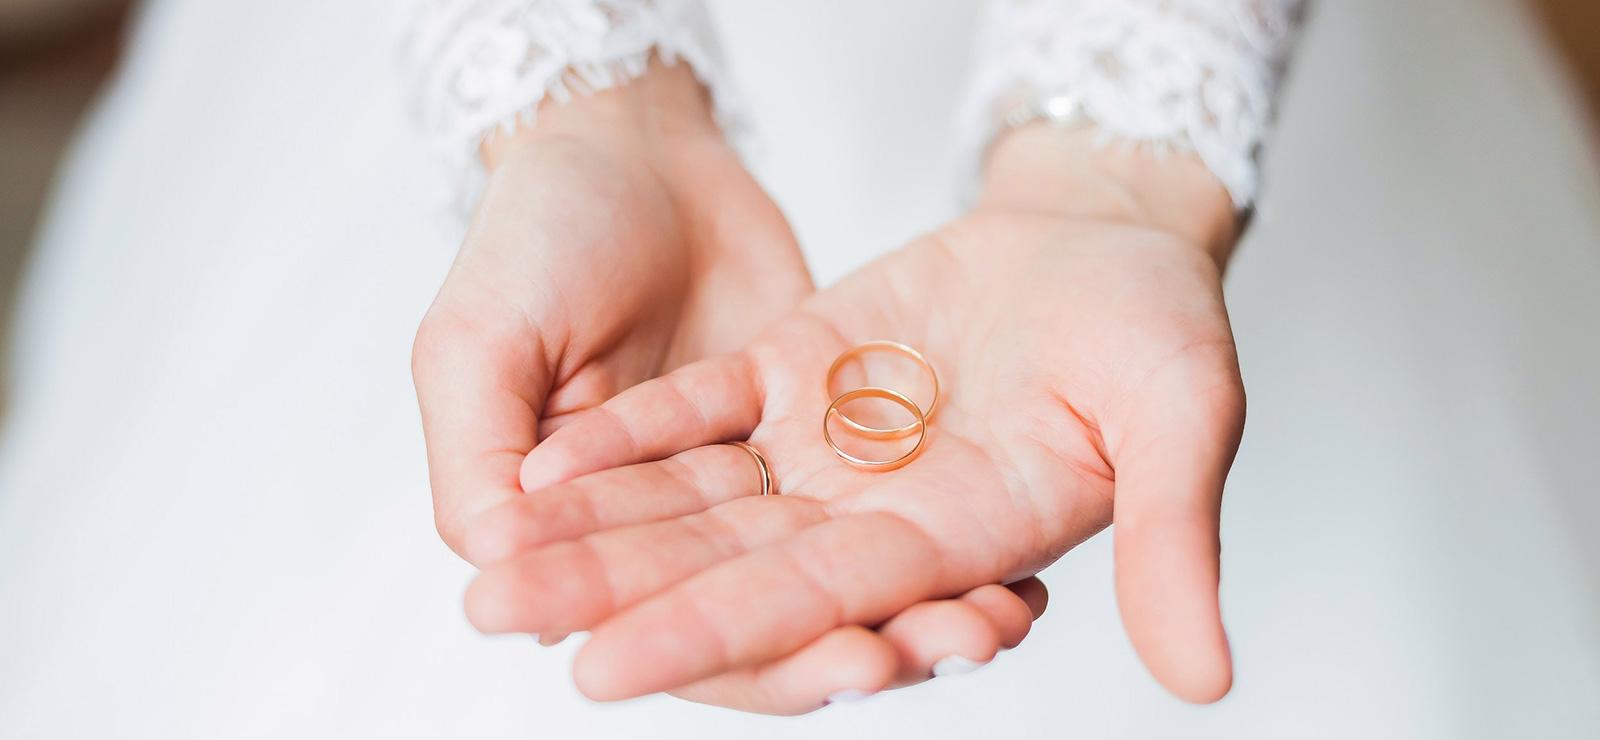 占いで結婚の時期を言い当てられた話。18歳のときの占いが当たった!